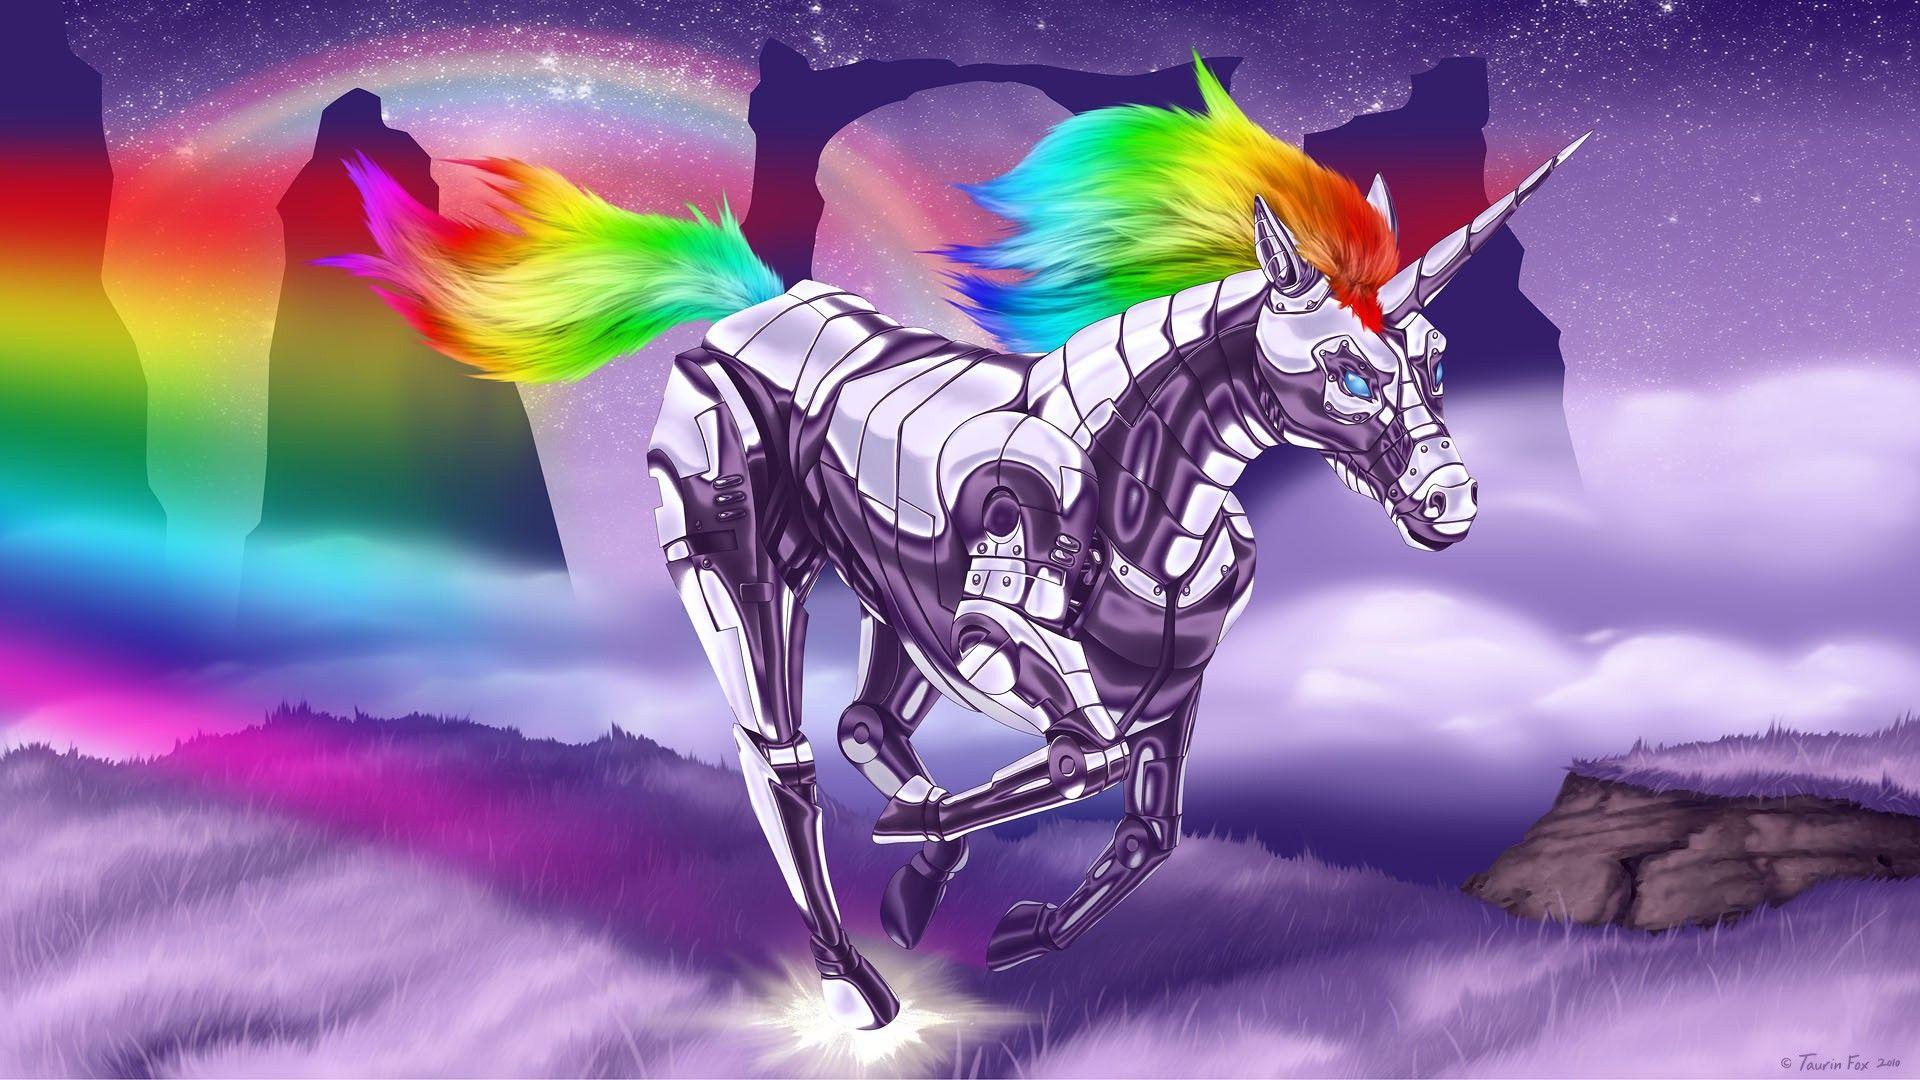 Unicorn wallpaper image hd